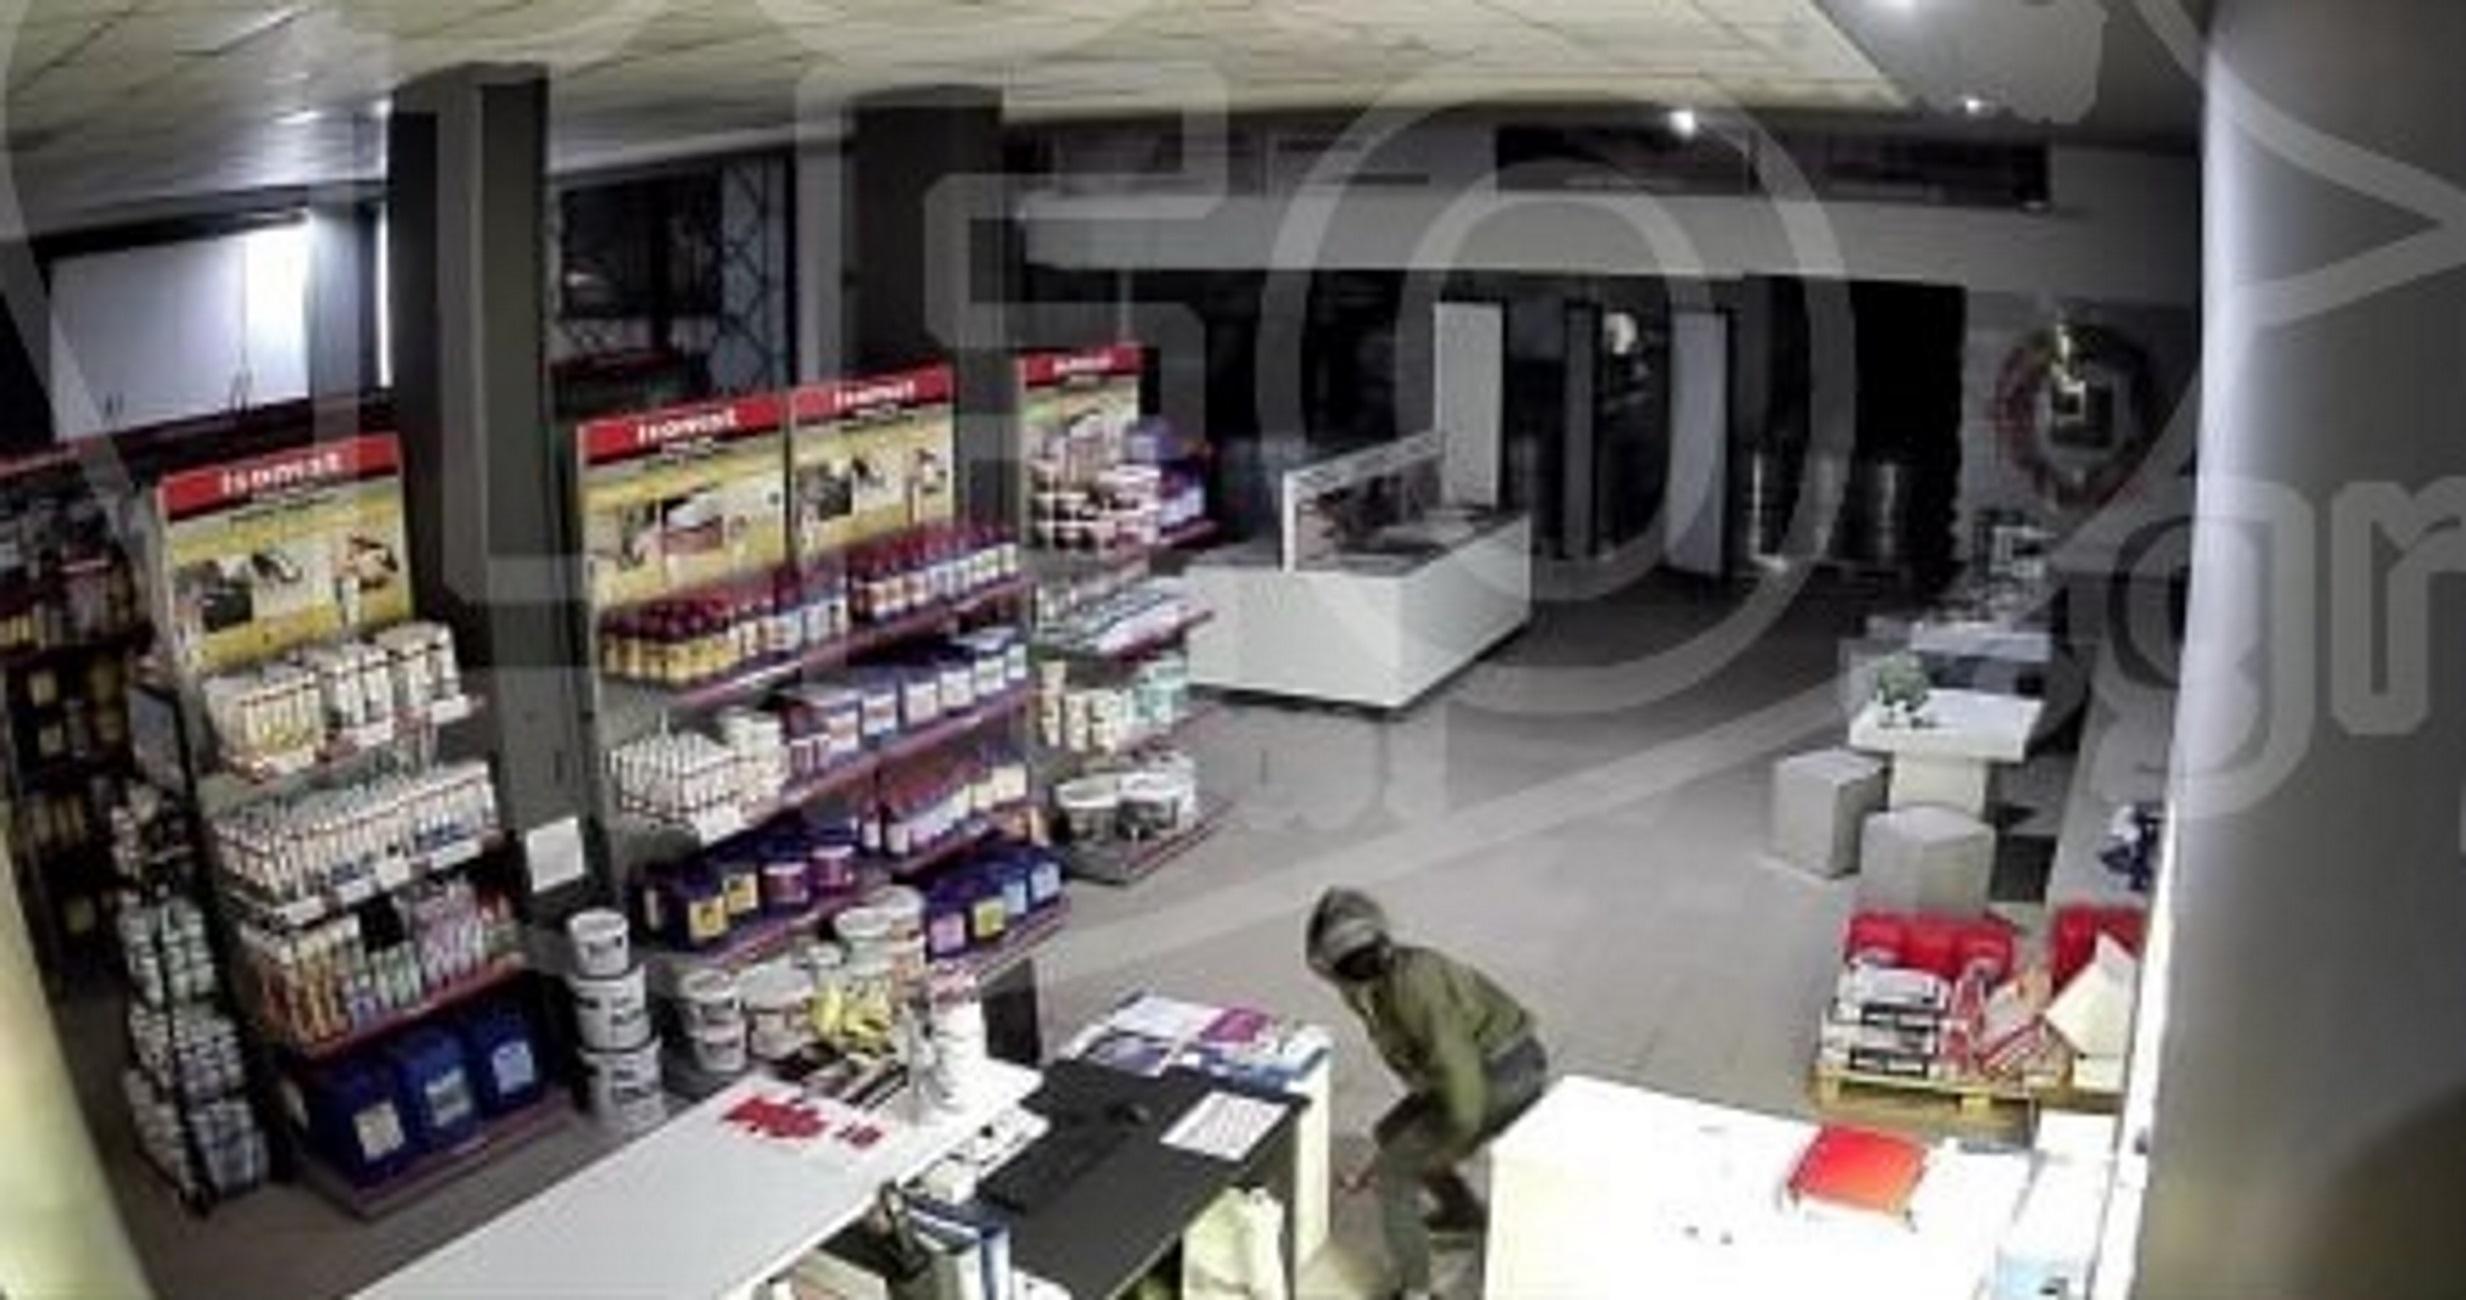 """Θεσσαλονίκη: Οι κάμερες ασφαλείας """"έπιασαν"""" τον διαρρήκτη του καταστήματος! Δεύτερο χτύπημα σε 20 μέρες (Φωτό)"""